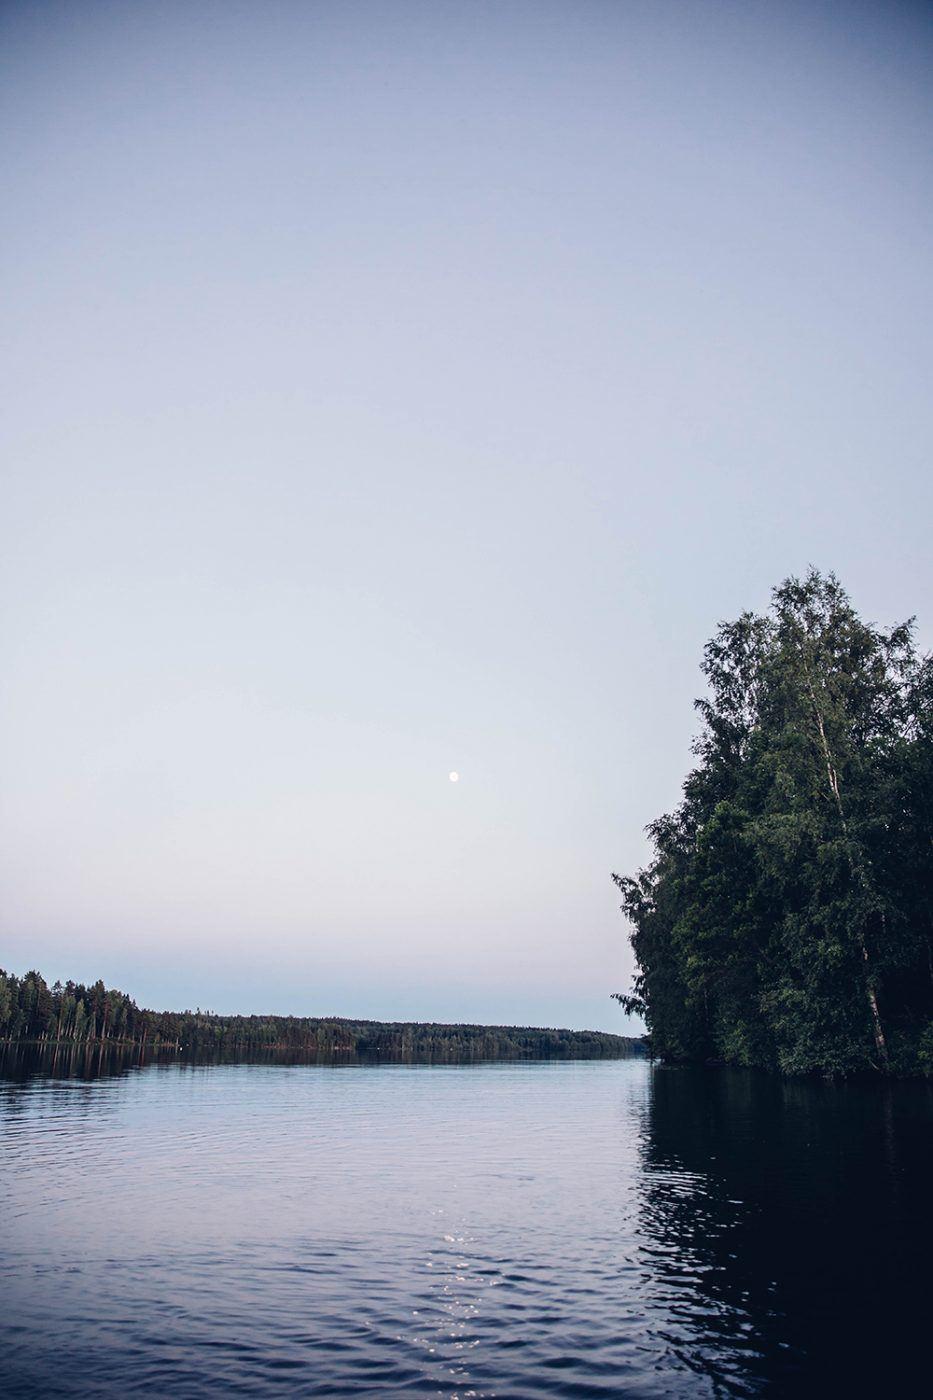 Moon Picnic in Sweden